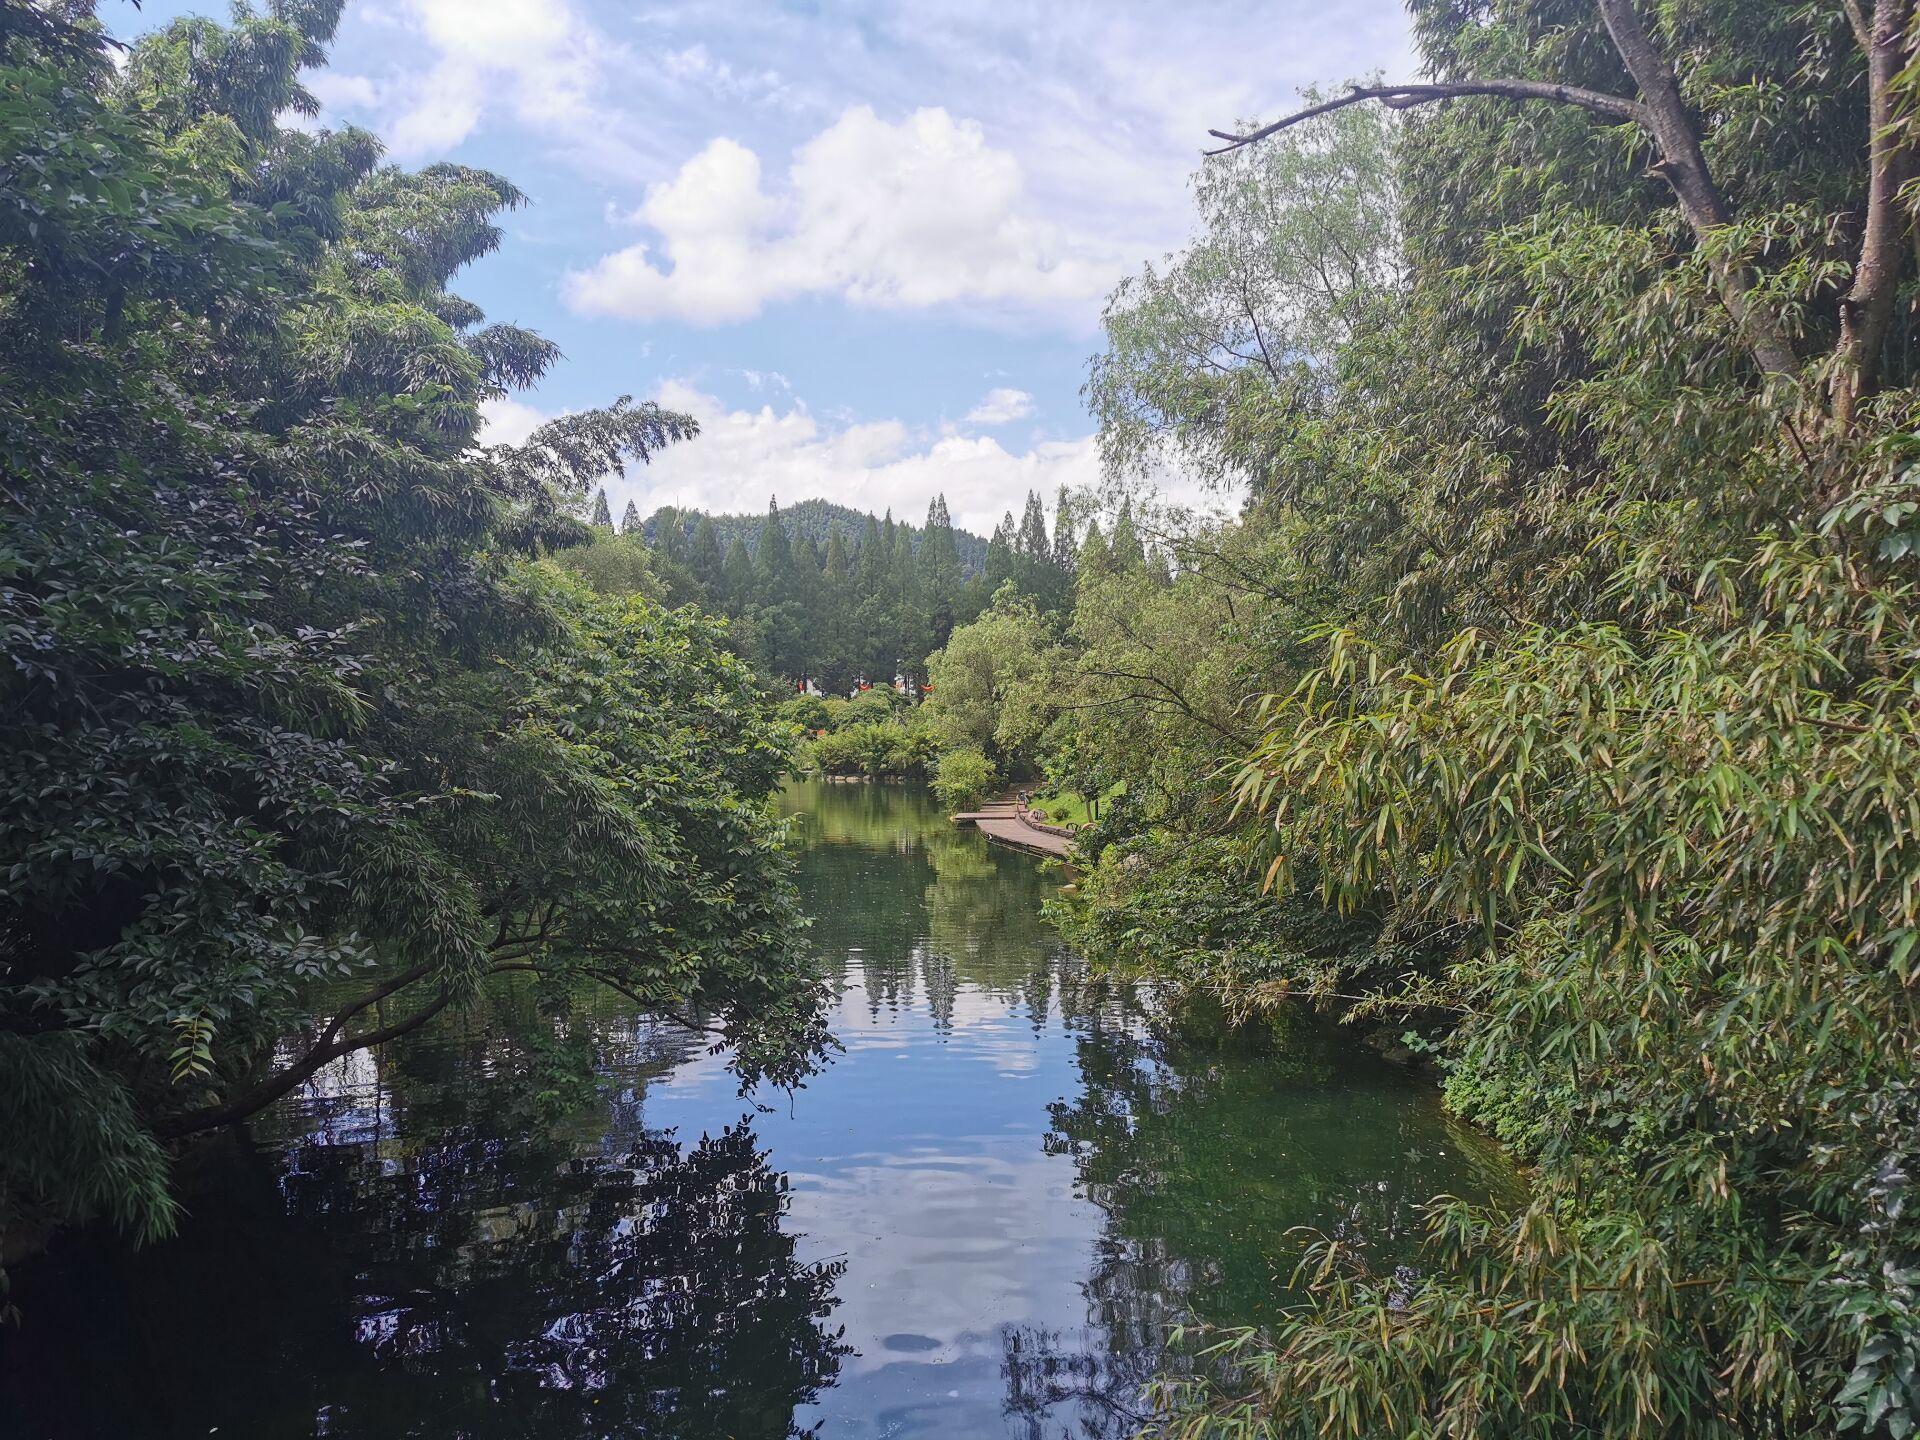 井冈山之挹翠湖一隅10.jpg